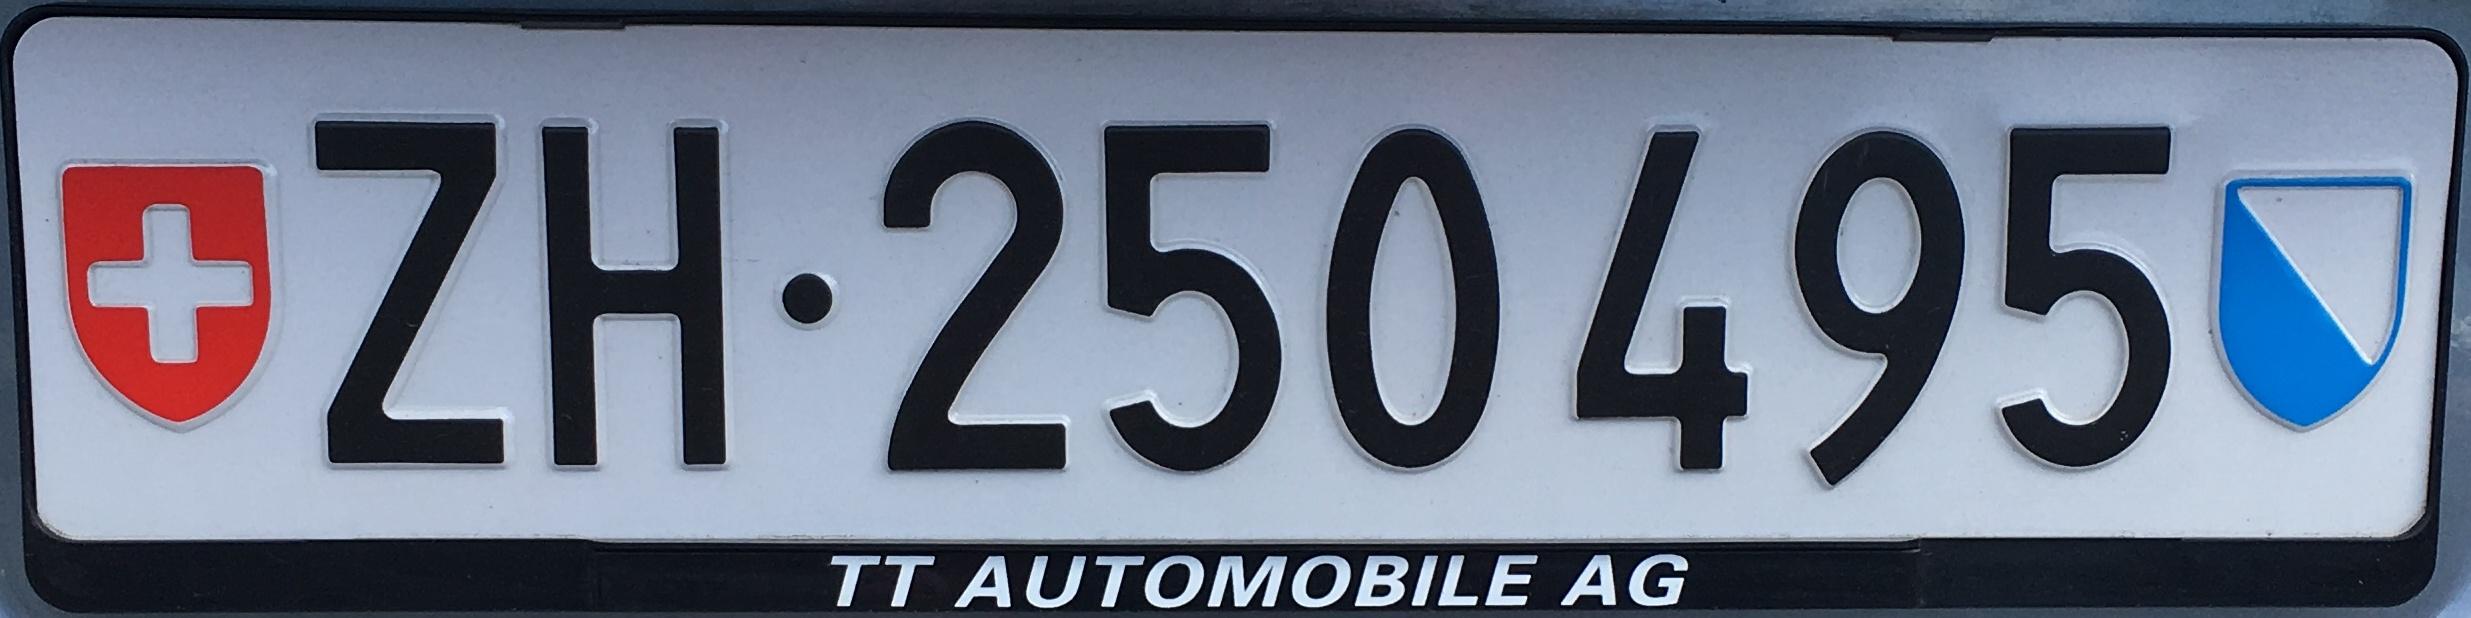 Registrační značky Švýcarsko - běžná - ZH - Zürich, foto: vlastní